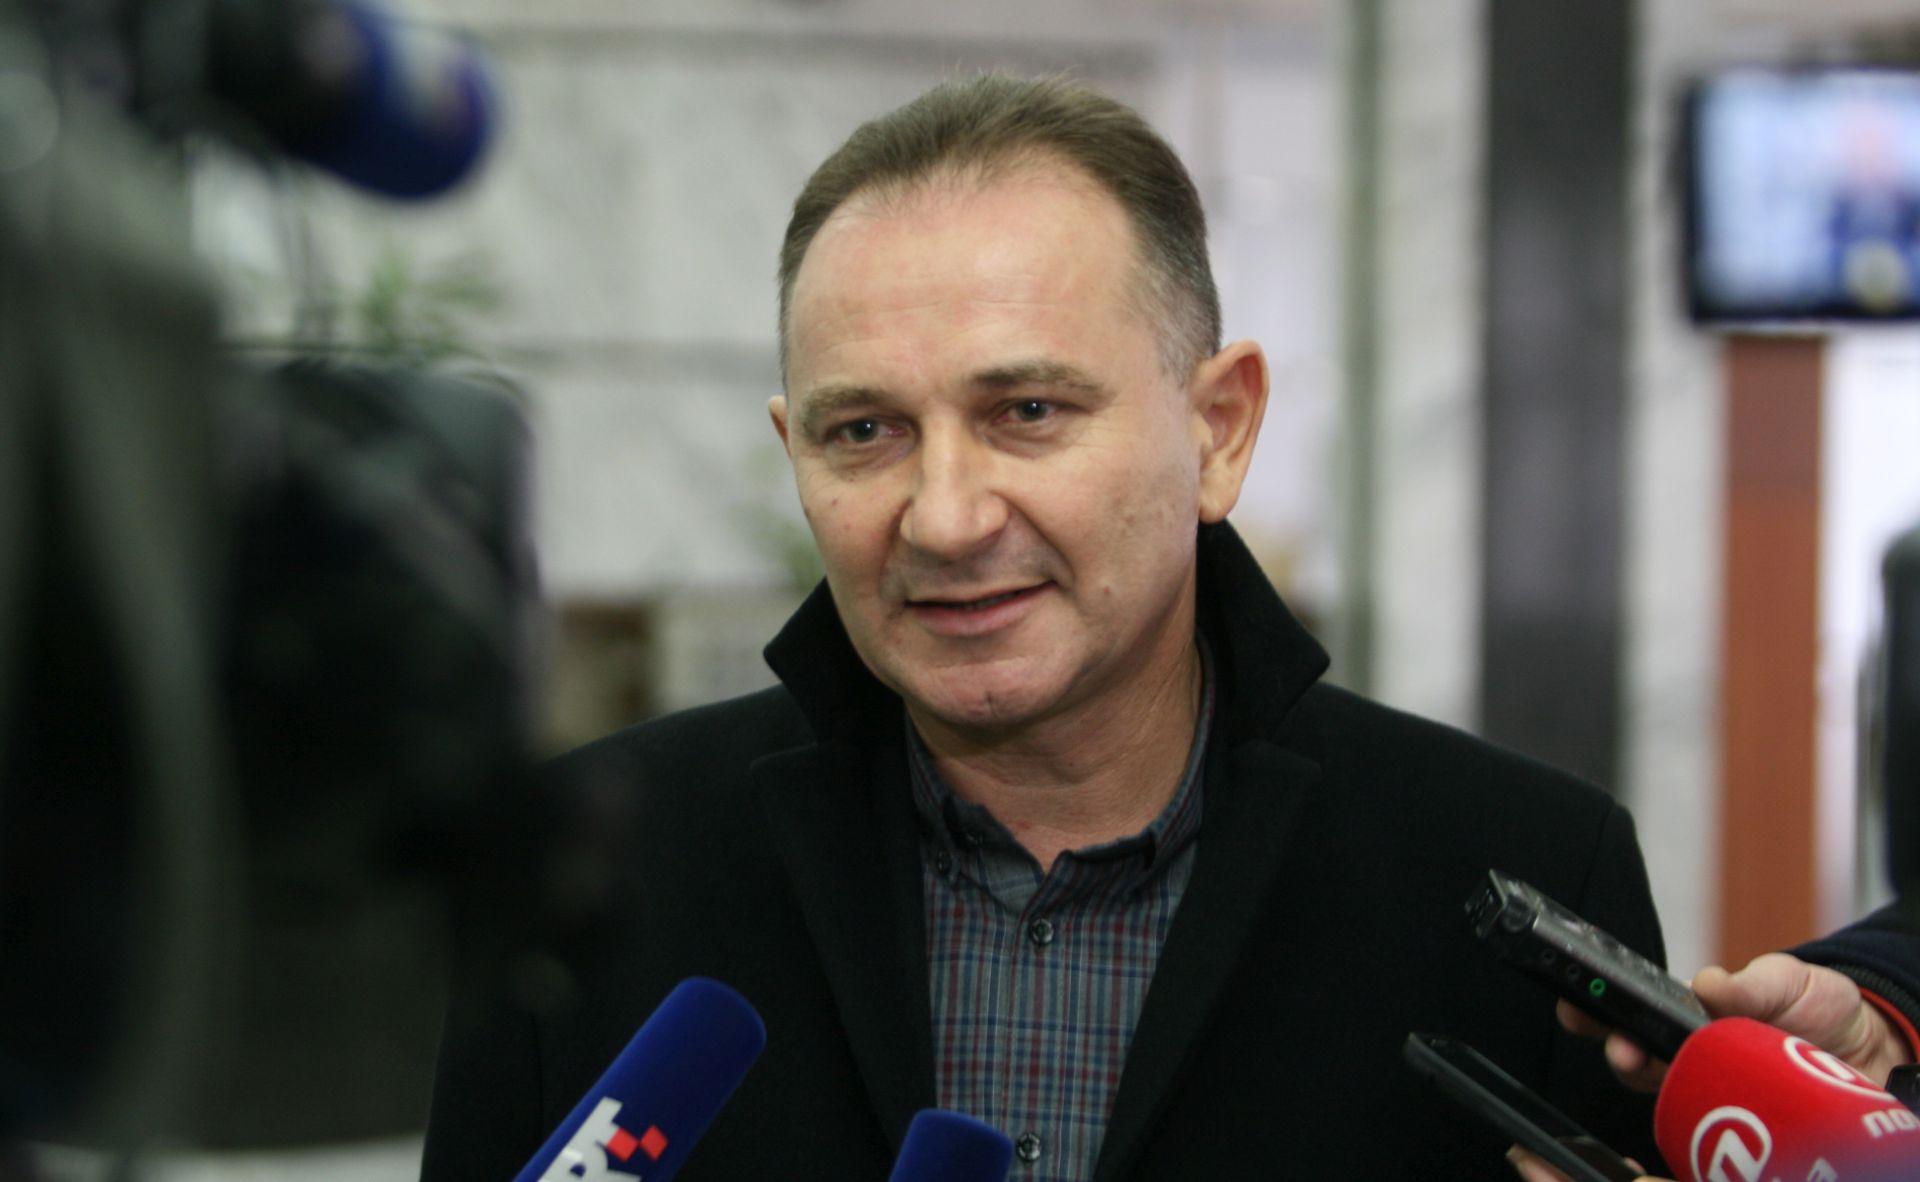 MINISTARSTVO RADA: Vlada, sindikati i poslodavci suglasili se o porastu minimalne plaće